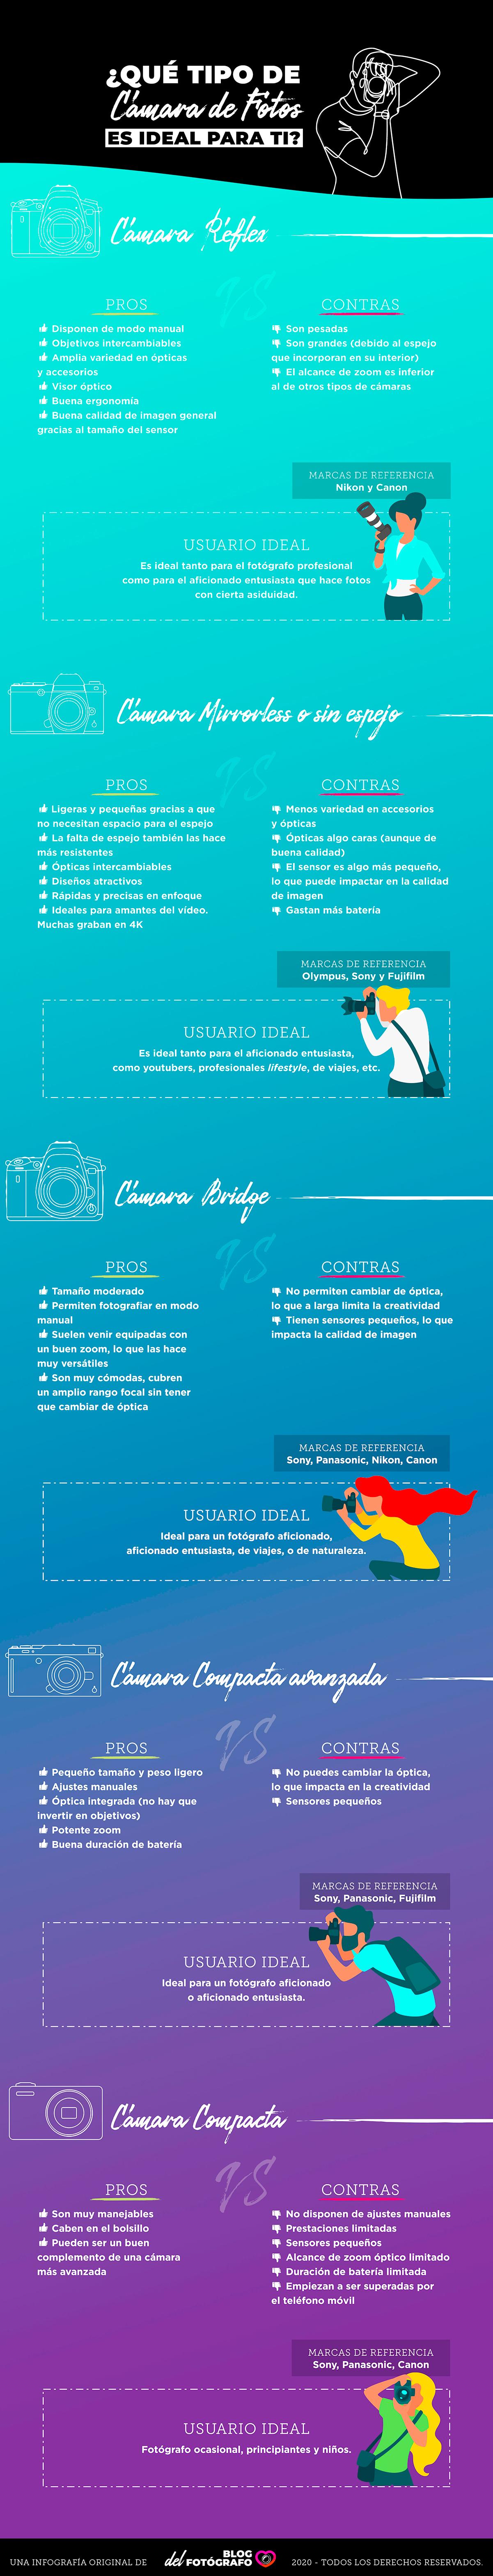 Infografía con tipos de cámara ideal según el usuario